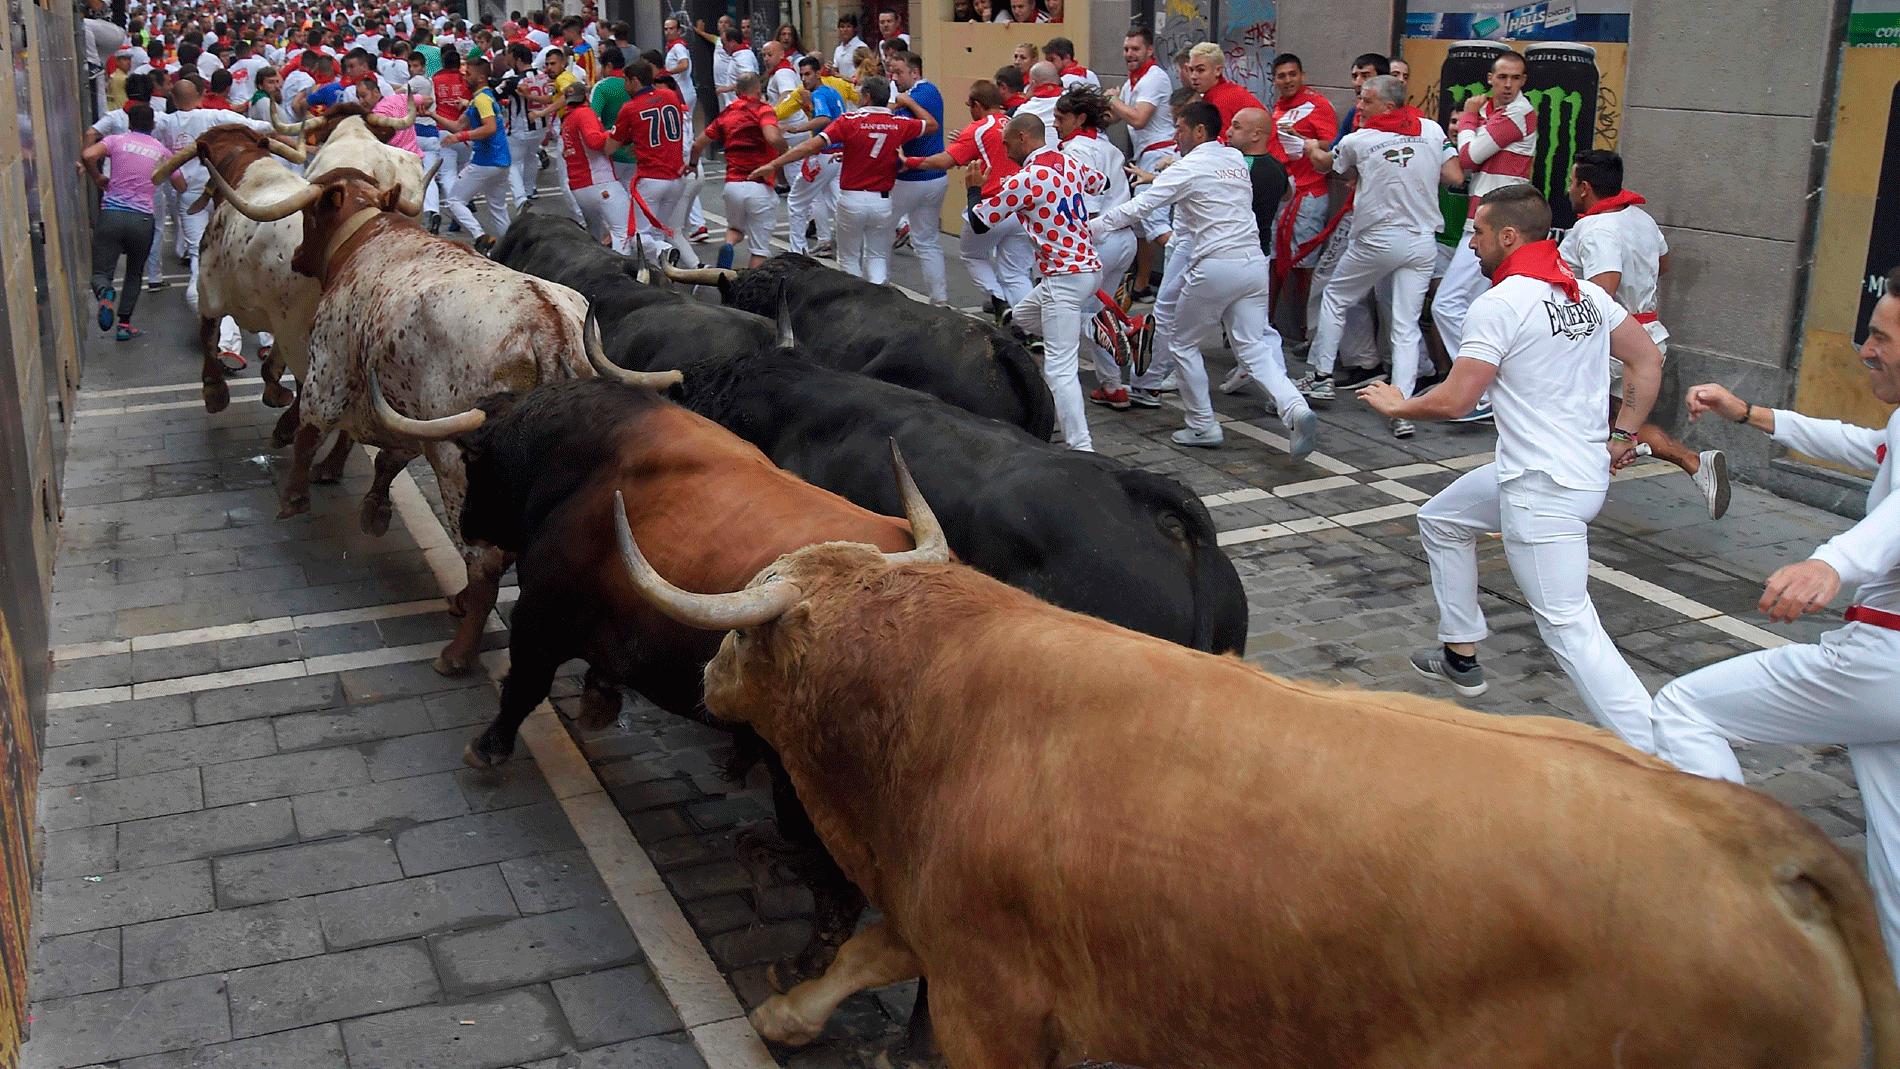 Cuarto encierro veloz y limpio con toros de Fuente Ymbro